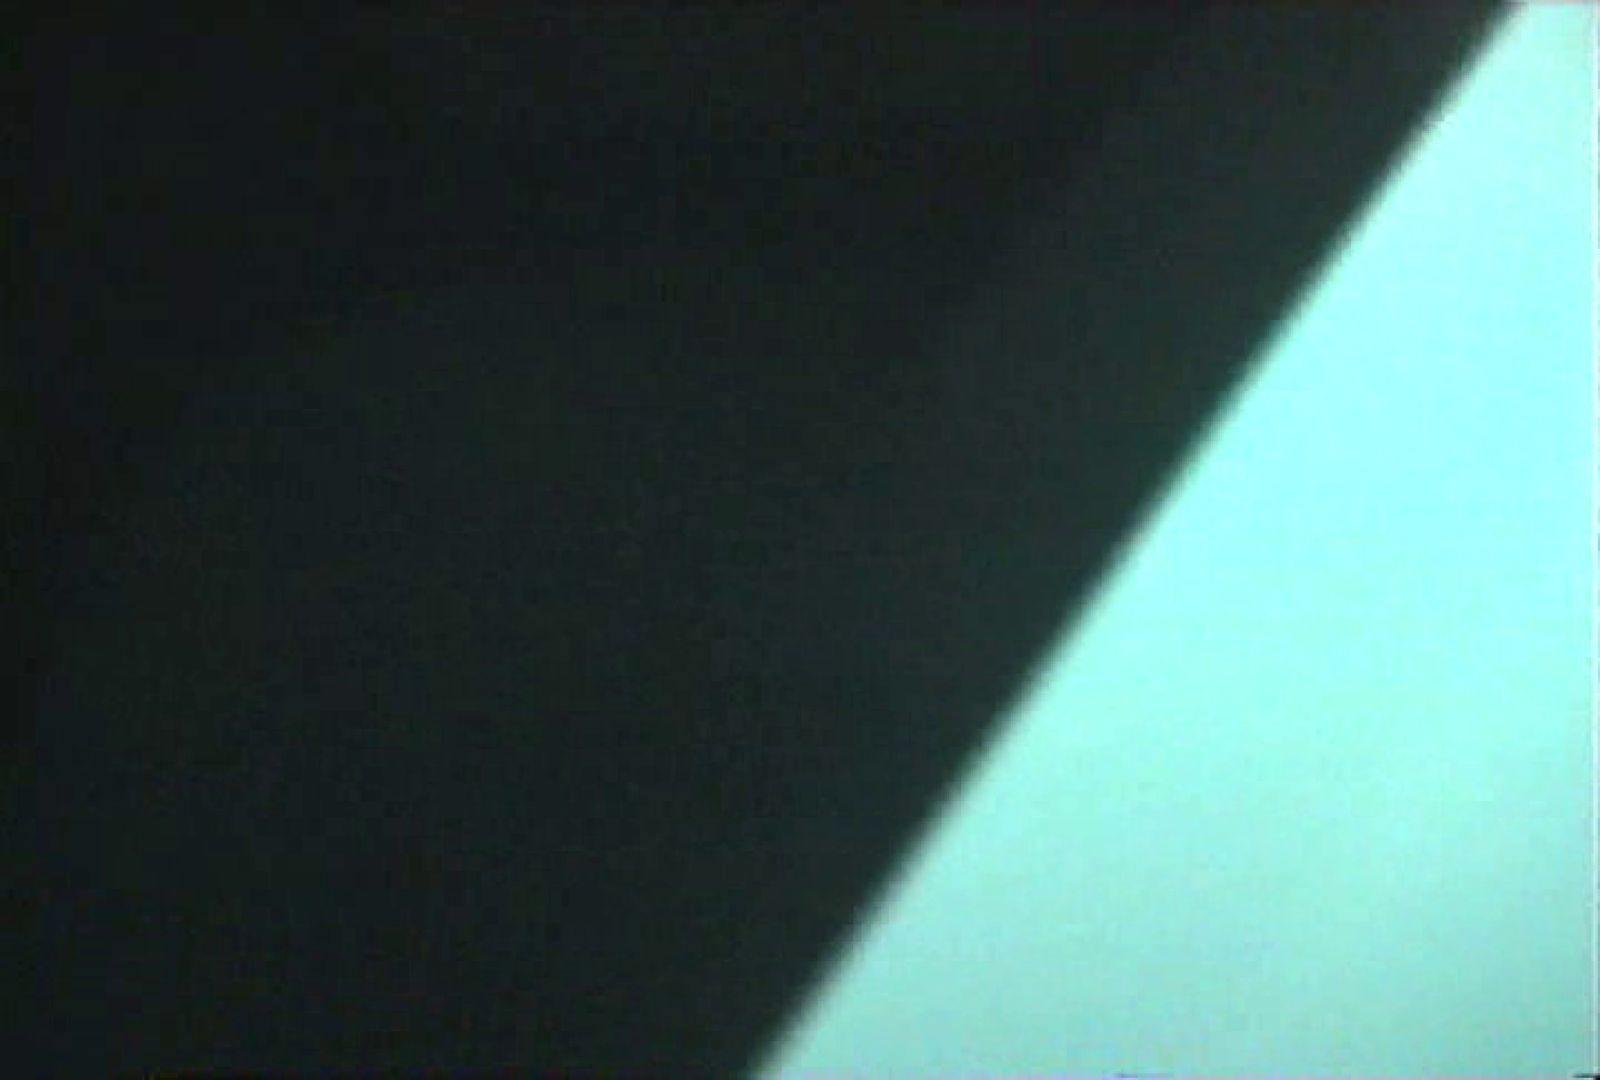 充血監督の深夜の運動会Vol.63 お姉さん丸裸 戯れ無修正画像 79pic 23